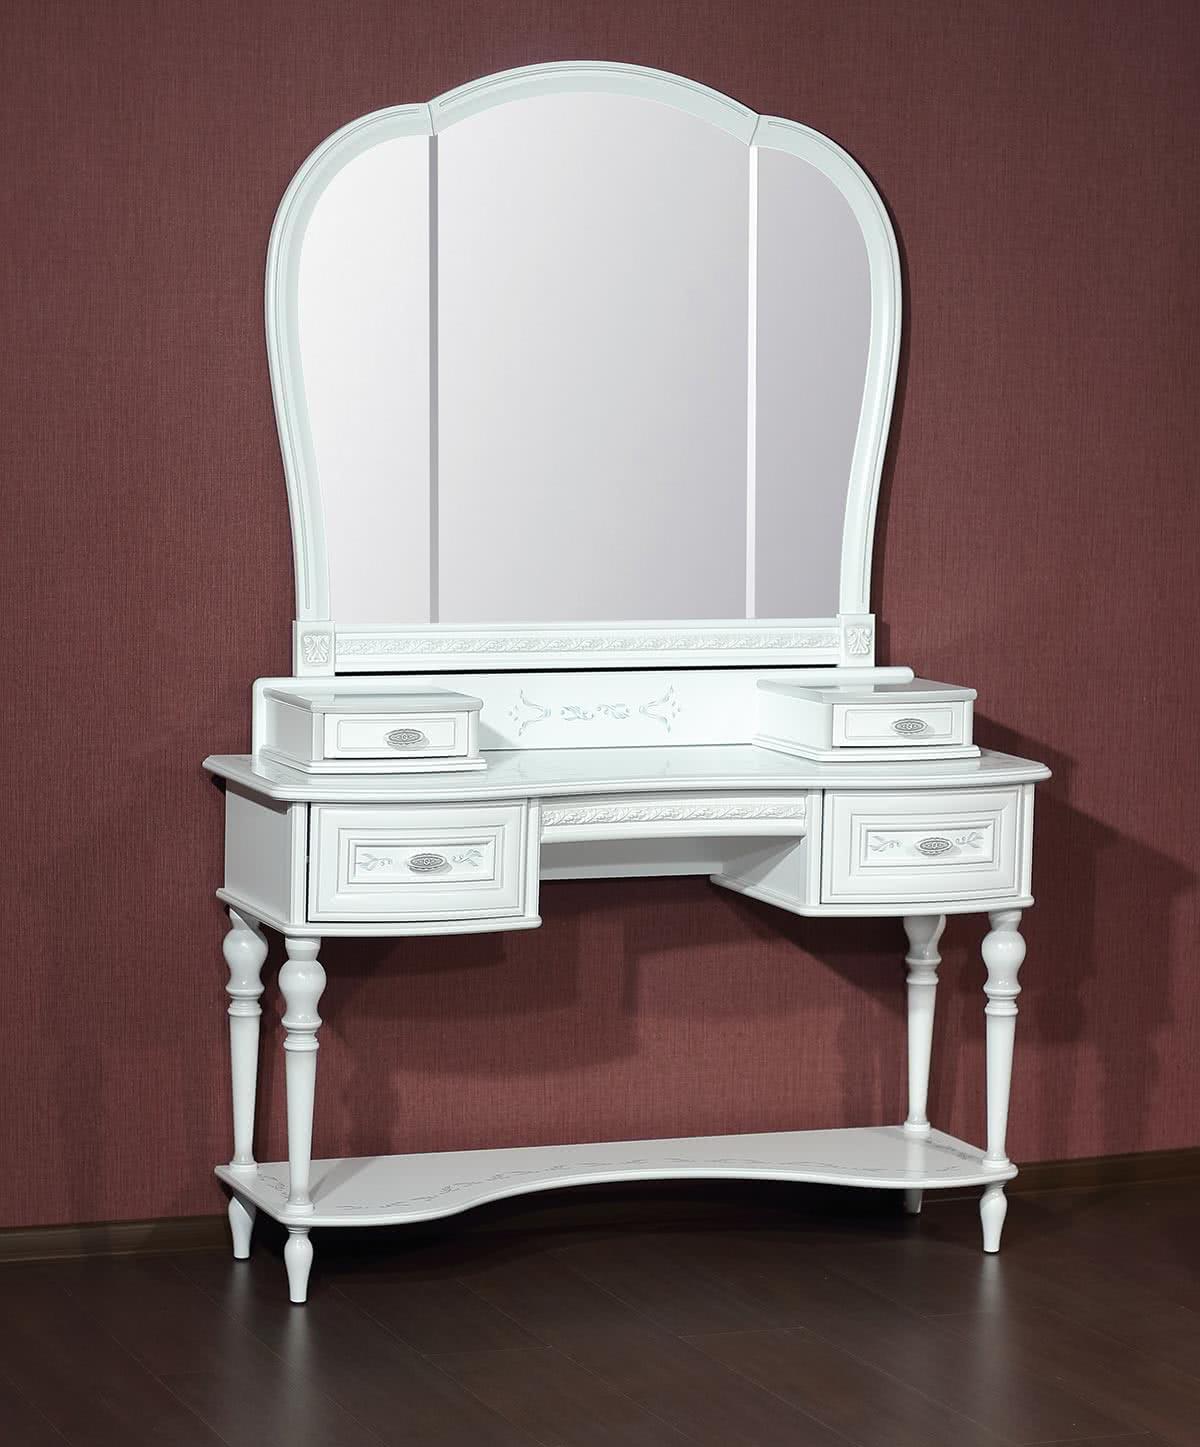 Стол туалетный Юта Милан 92-01+ 94-01+21-01 — купить недорого в mebHOME. Цены от производителя. Размеры и фото. Отзывы.